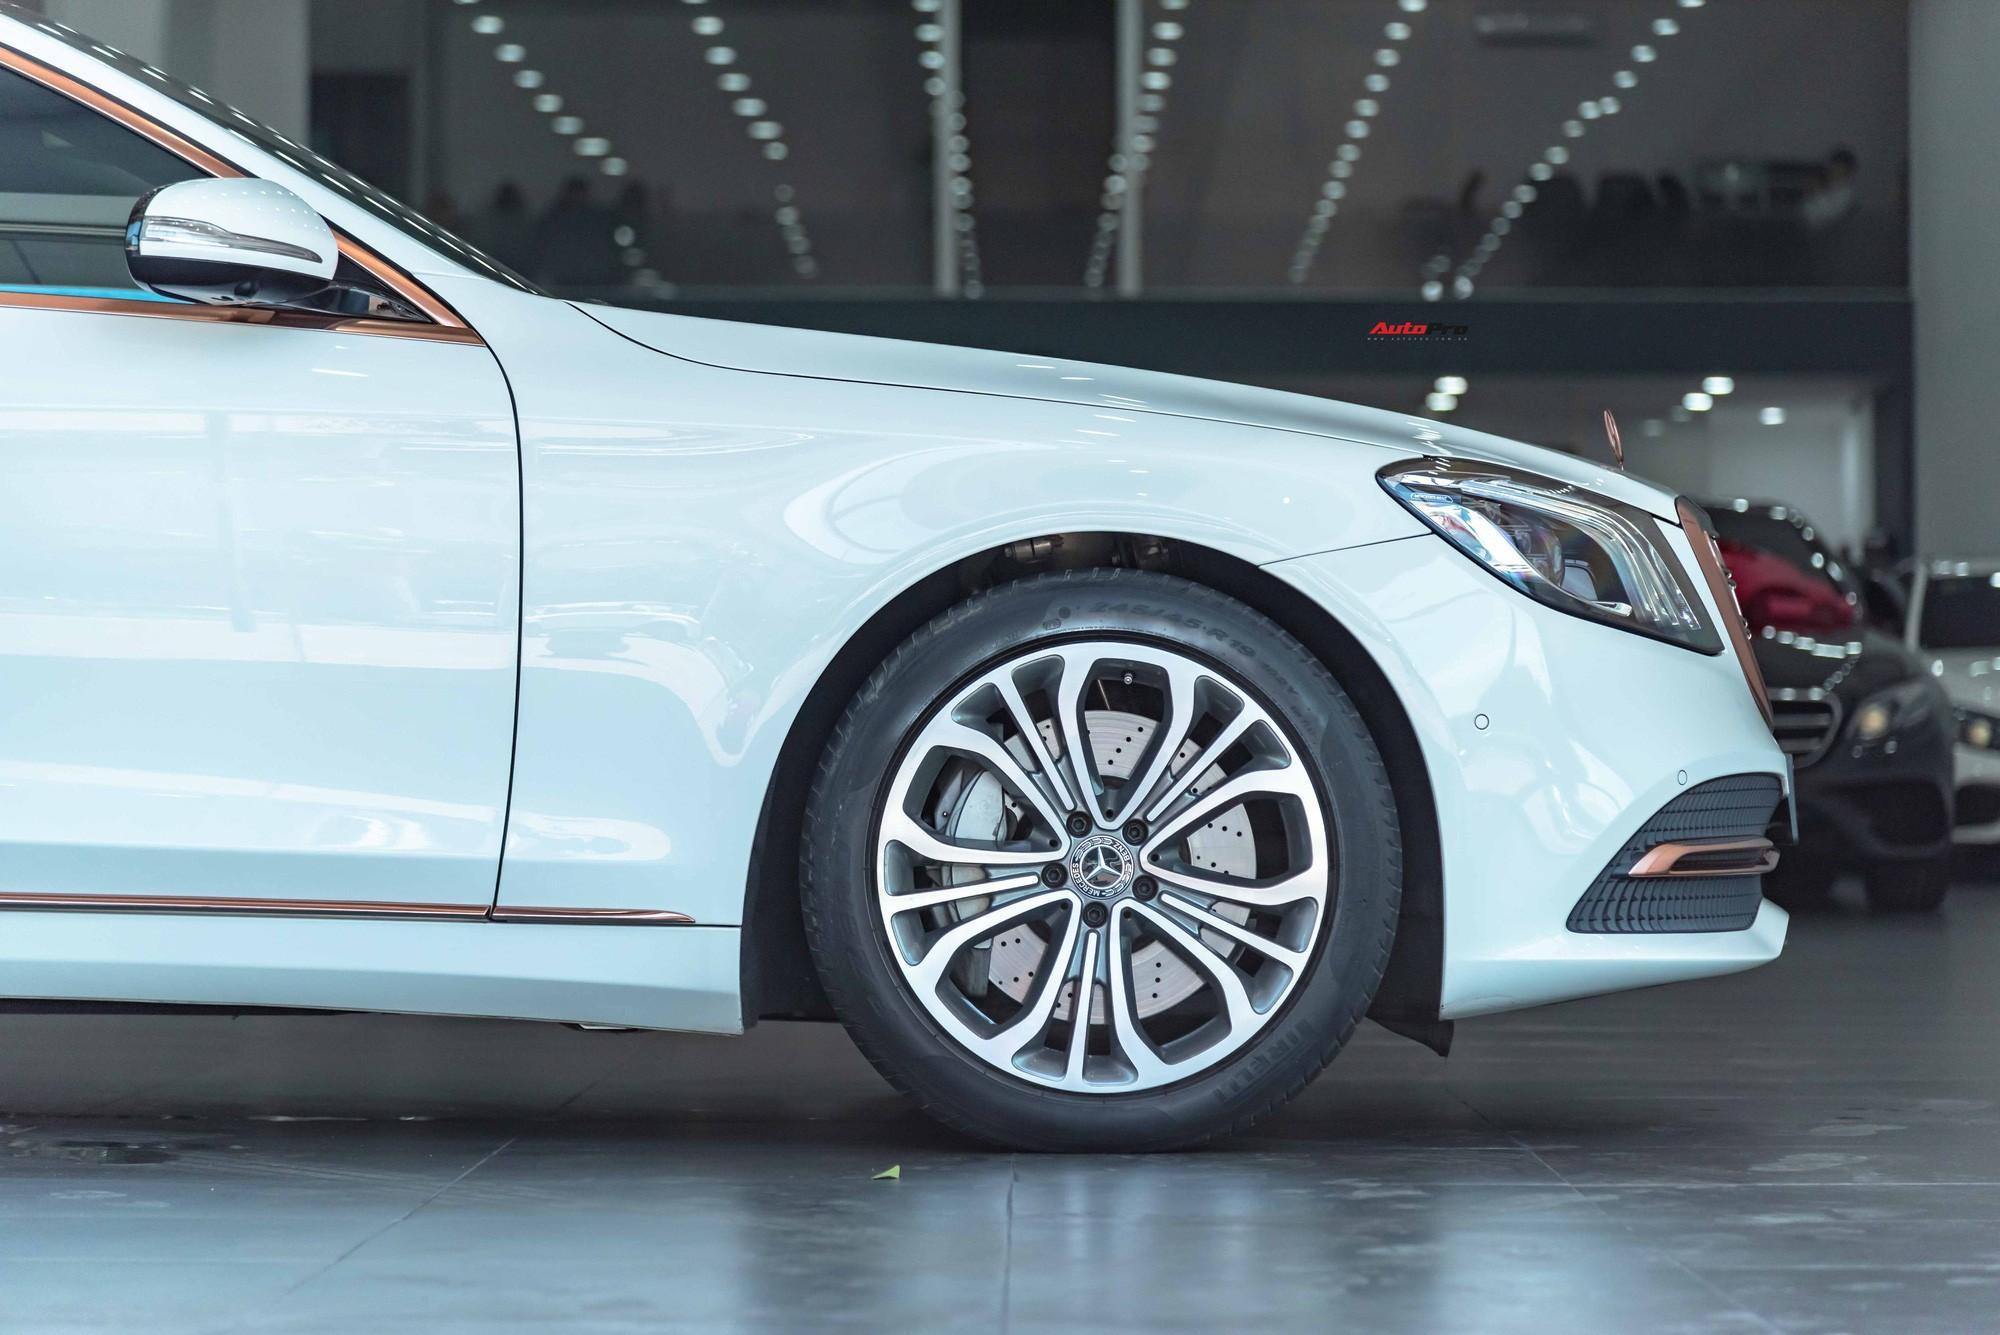 Độ cực độc, Mercedes-Benz S 450 Luxury phiên bản vàng hồng vẫn có giá bán lại rẻ hơn cả tỷ đồng dù mới chạy 12.000km Ảnh 7